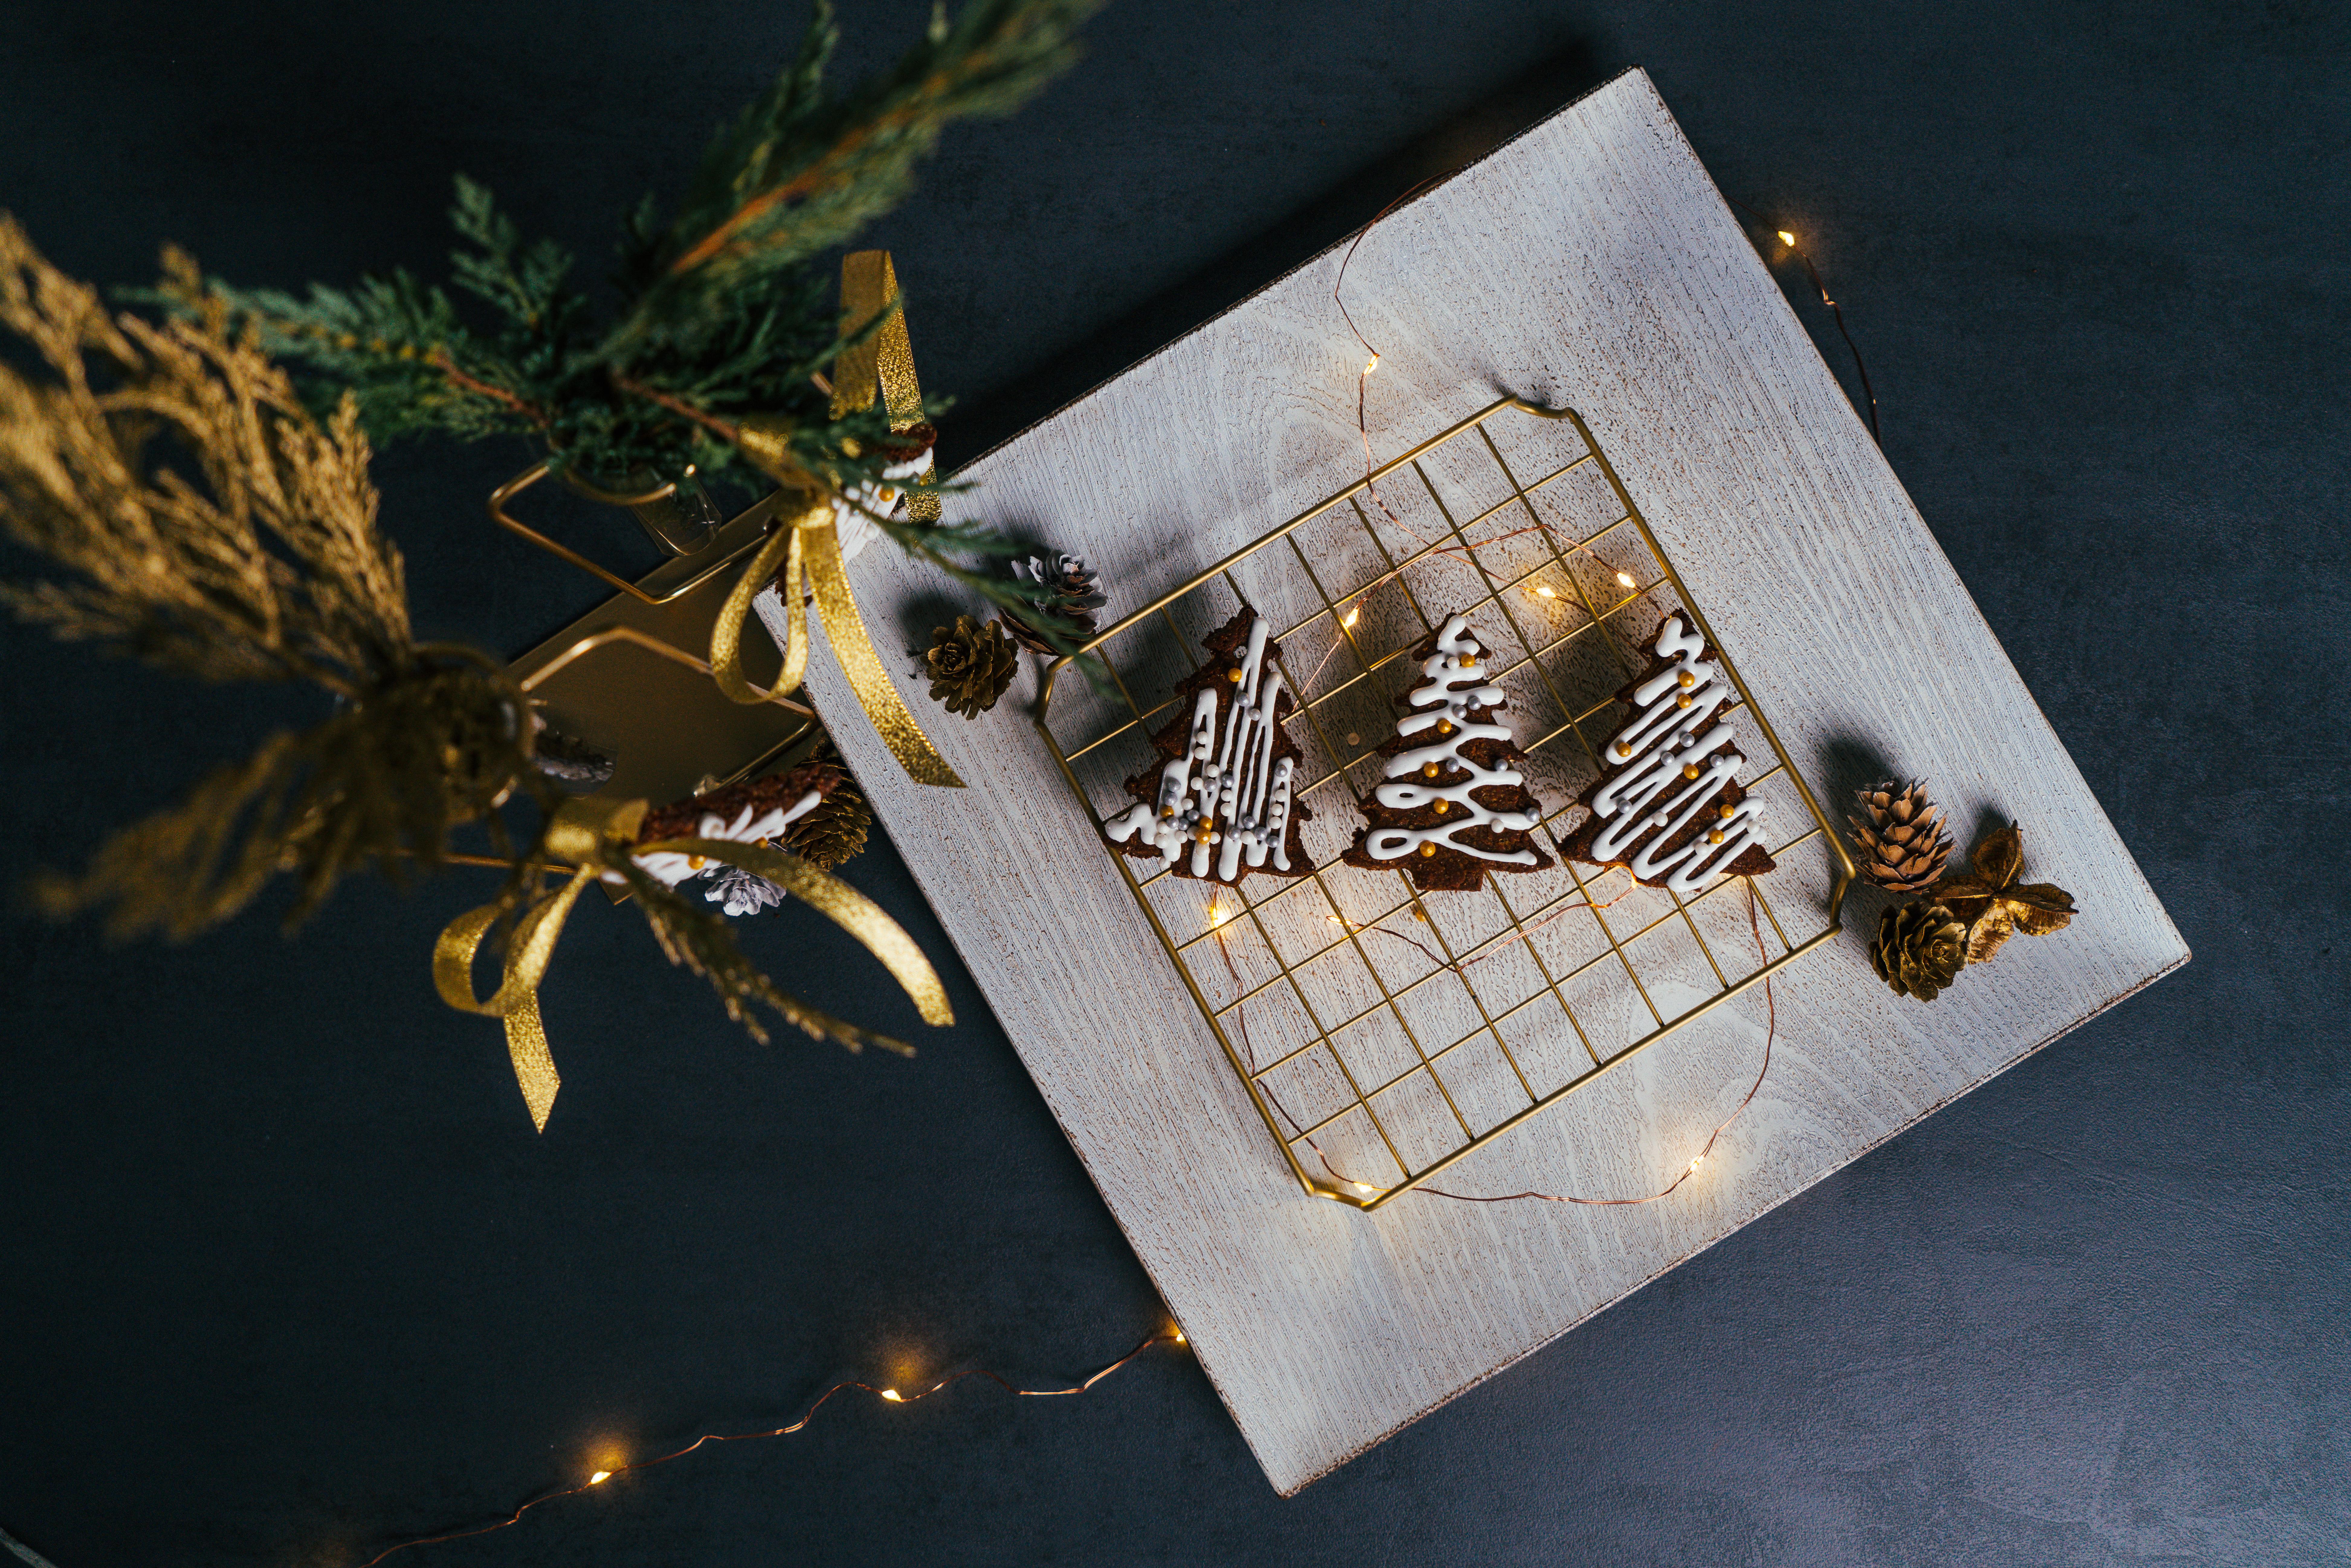 las mejores ideas sobre como decorar la casa en navidad, adornos navideños DIY originales paso a paso, fotos de galletas